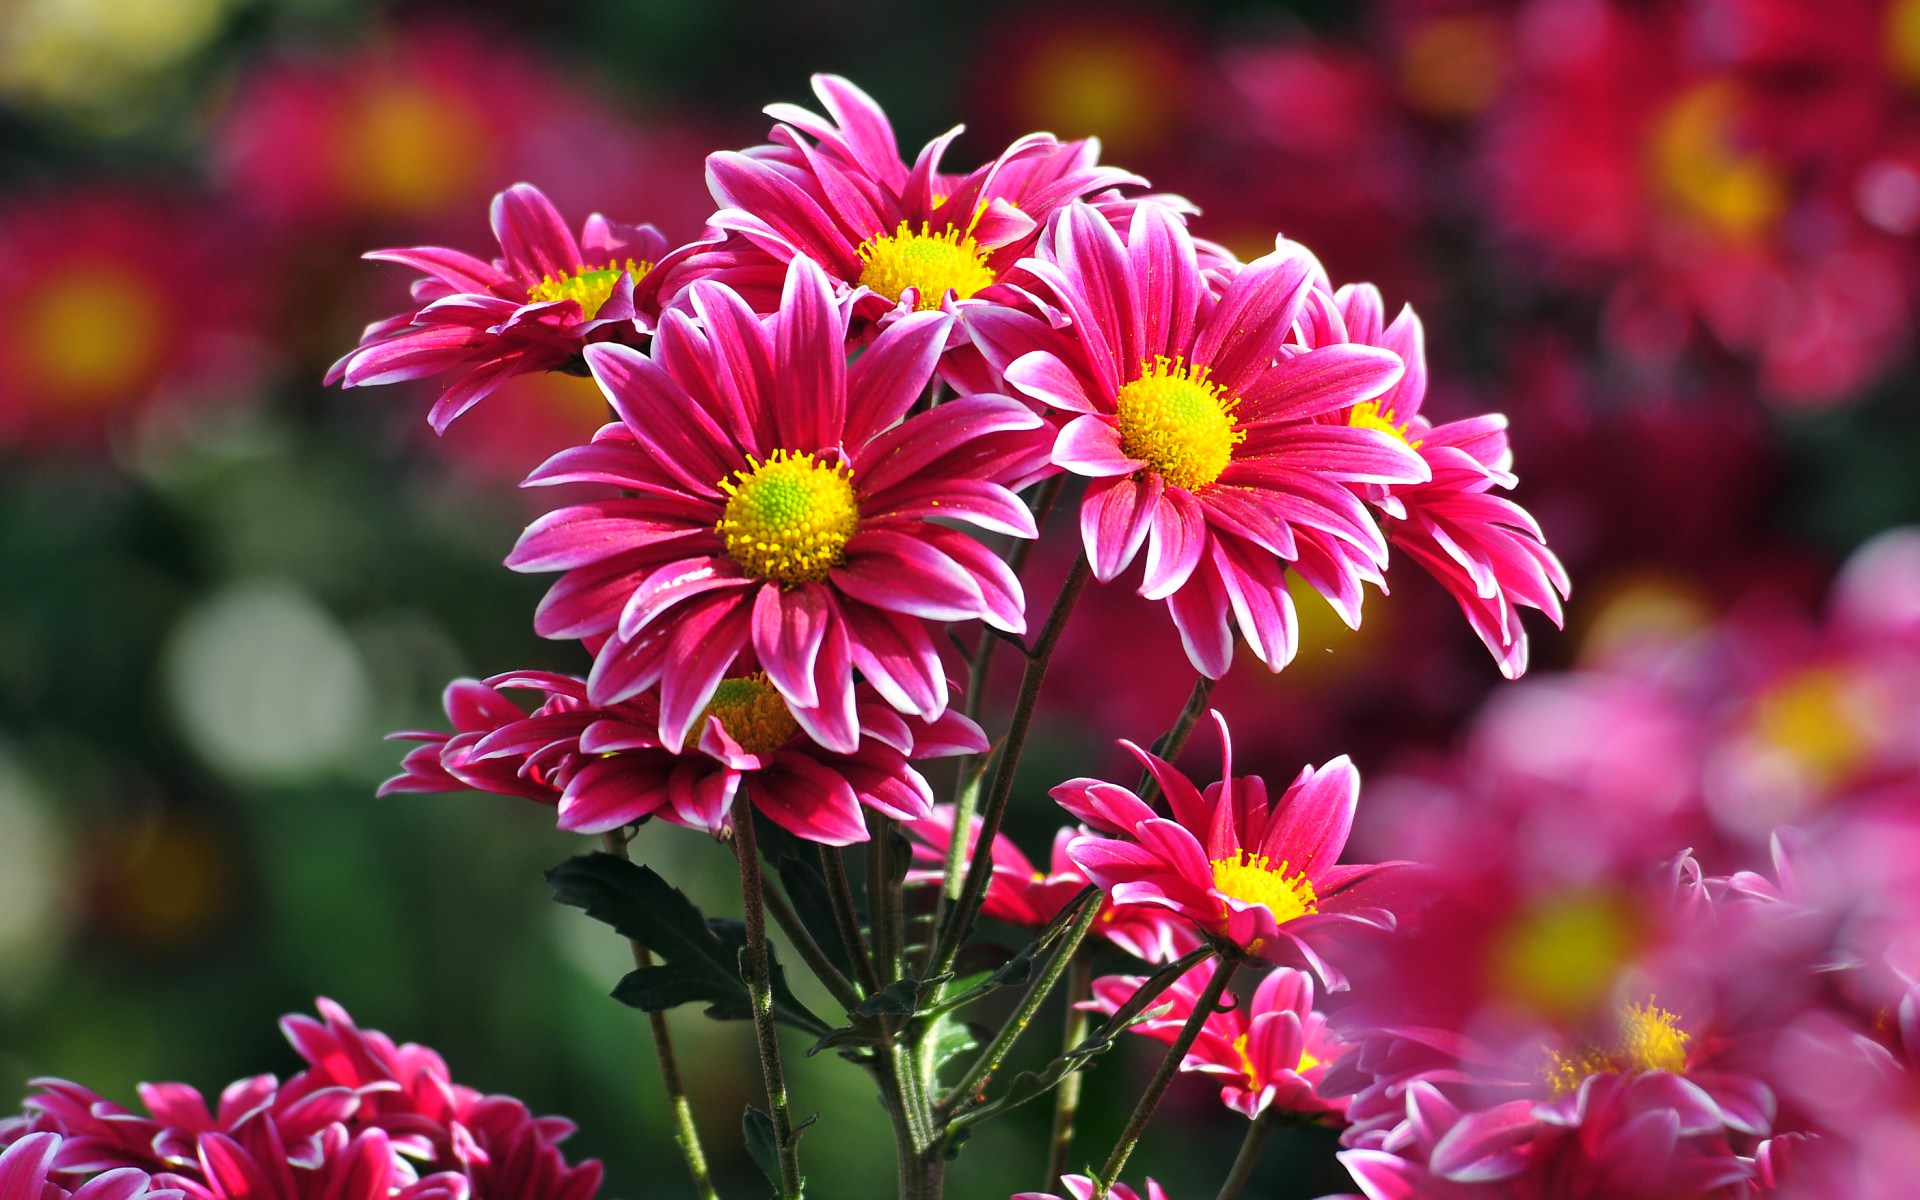 مجموعة رائعة من اجمل الصور للزهور الطبيعيه